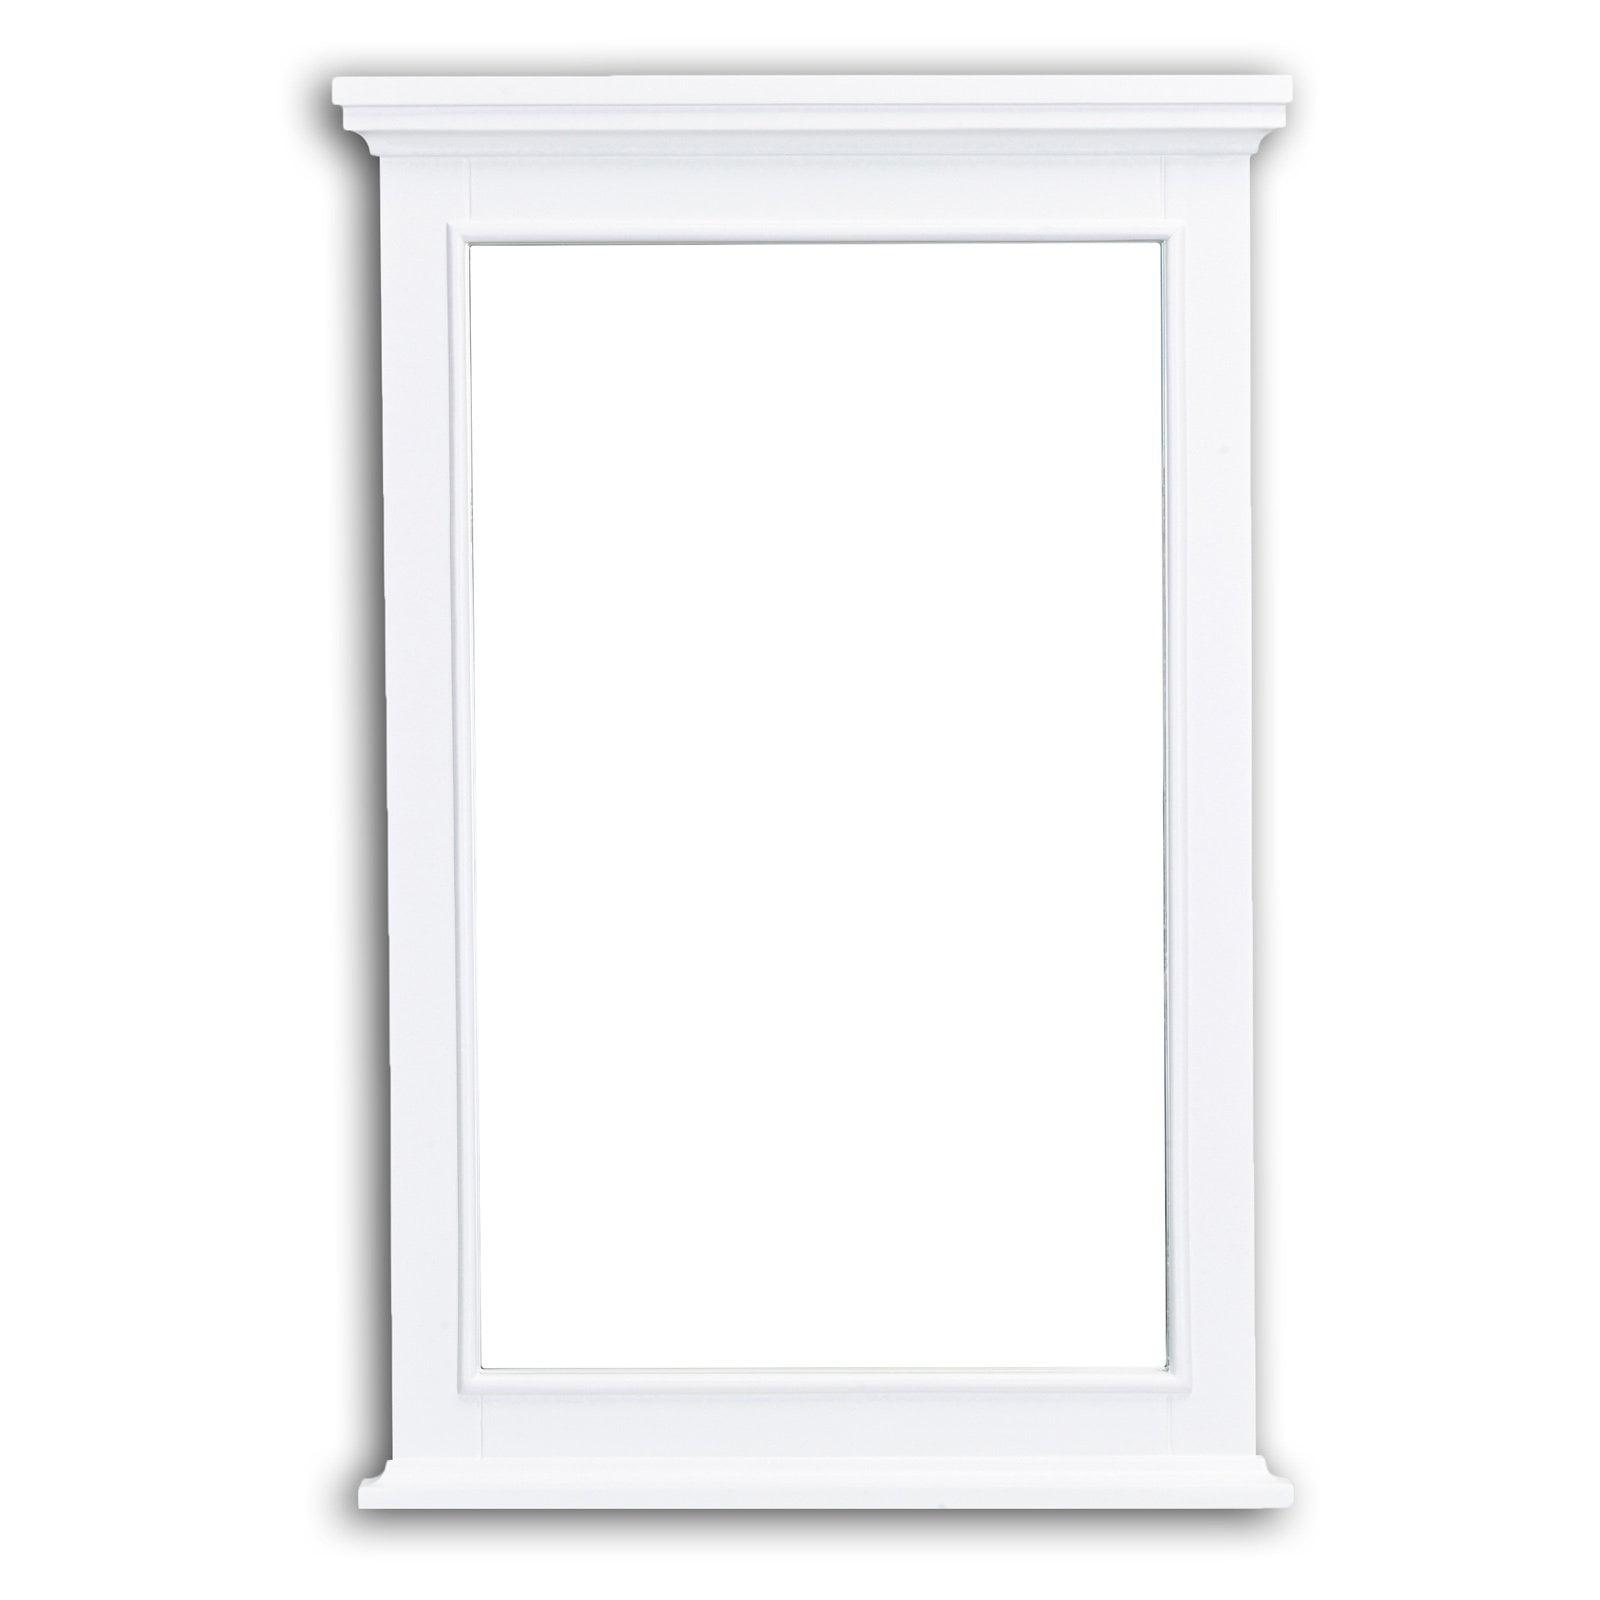 Eviva Elite Stamford Framed Bathroom Mirror by Eviva